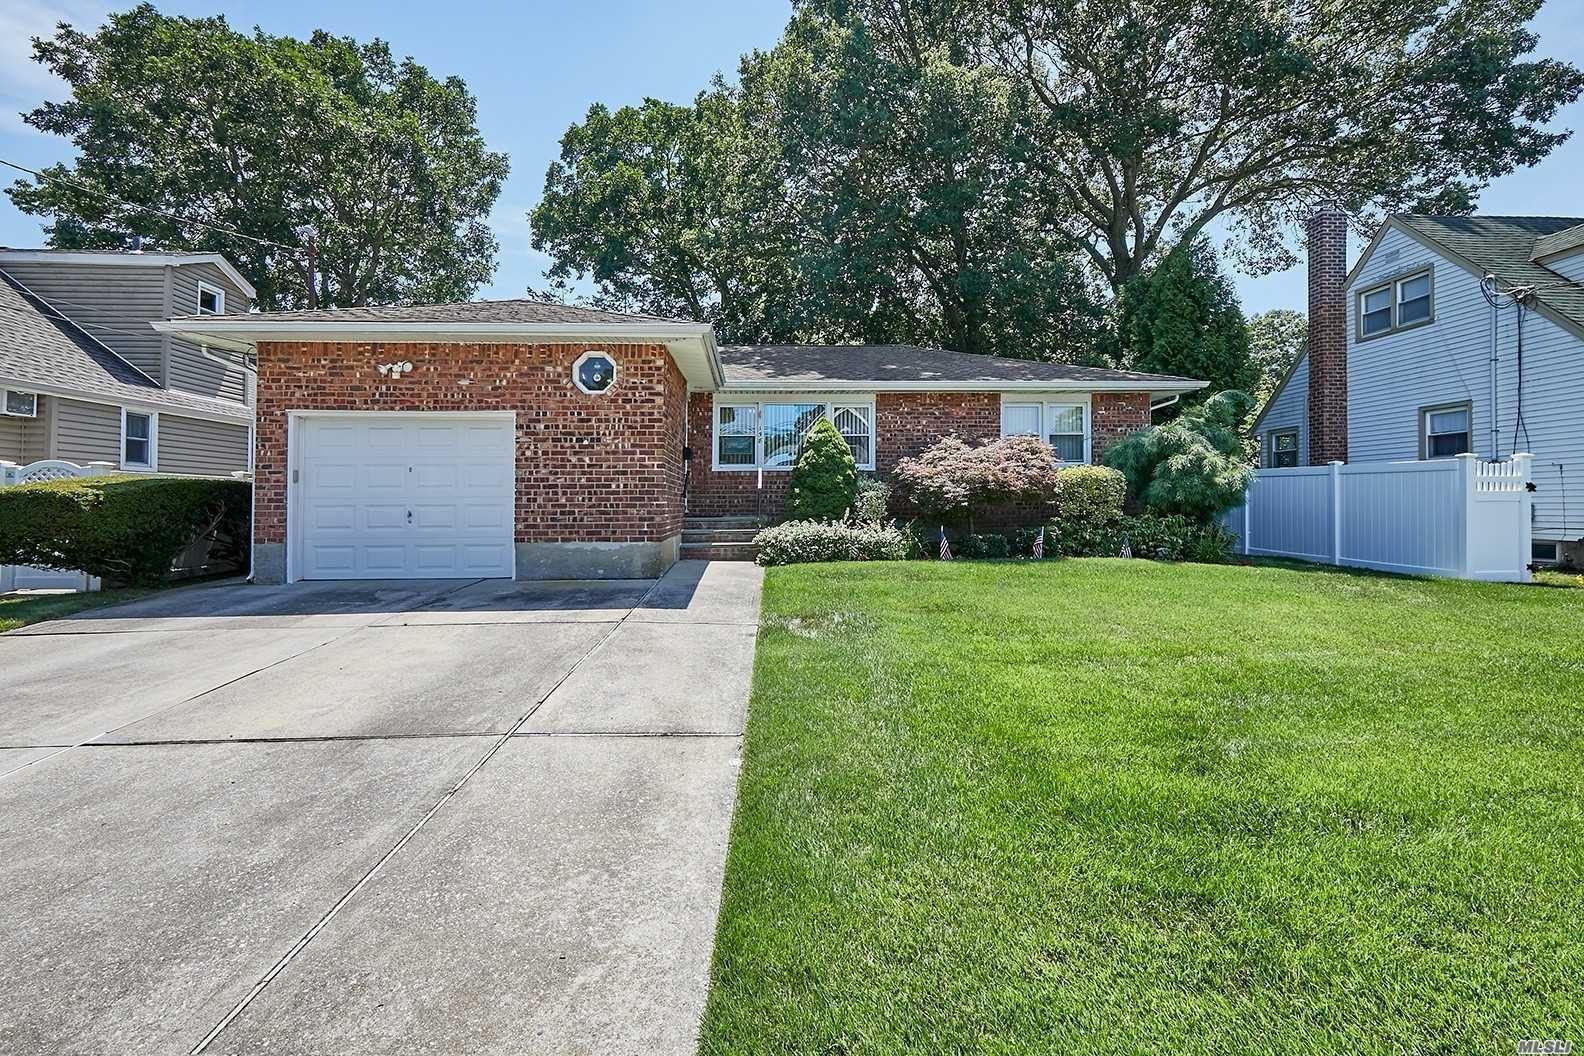 158 N Oak St, Massapequa, NY 11758 - MLS#: 3237804